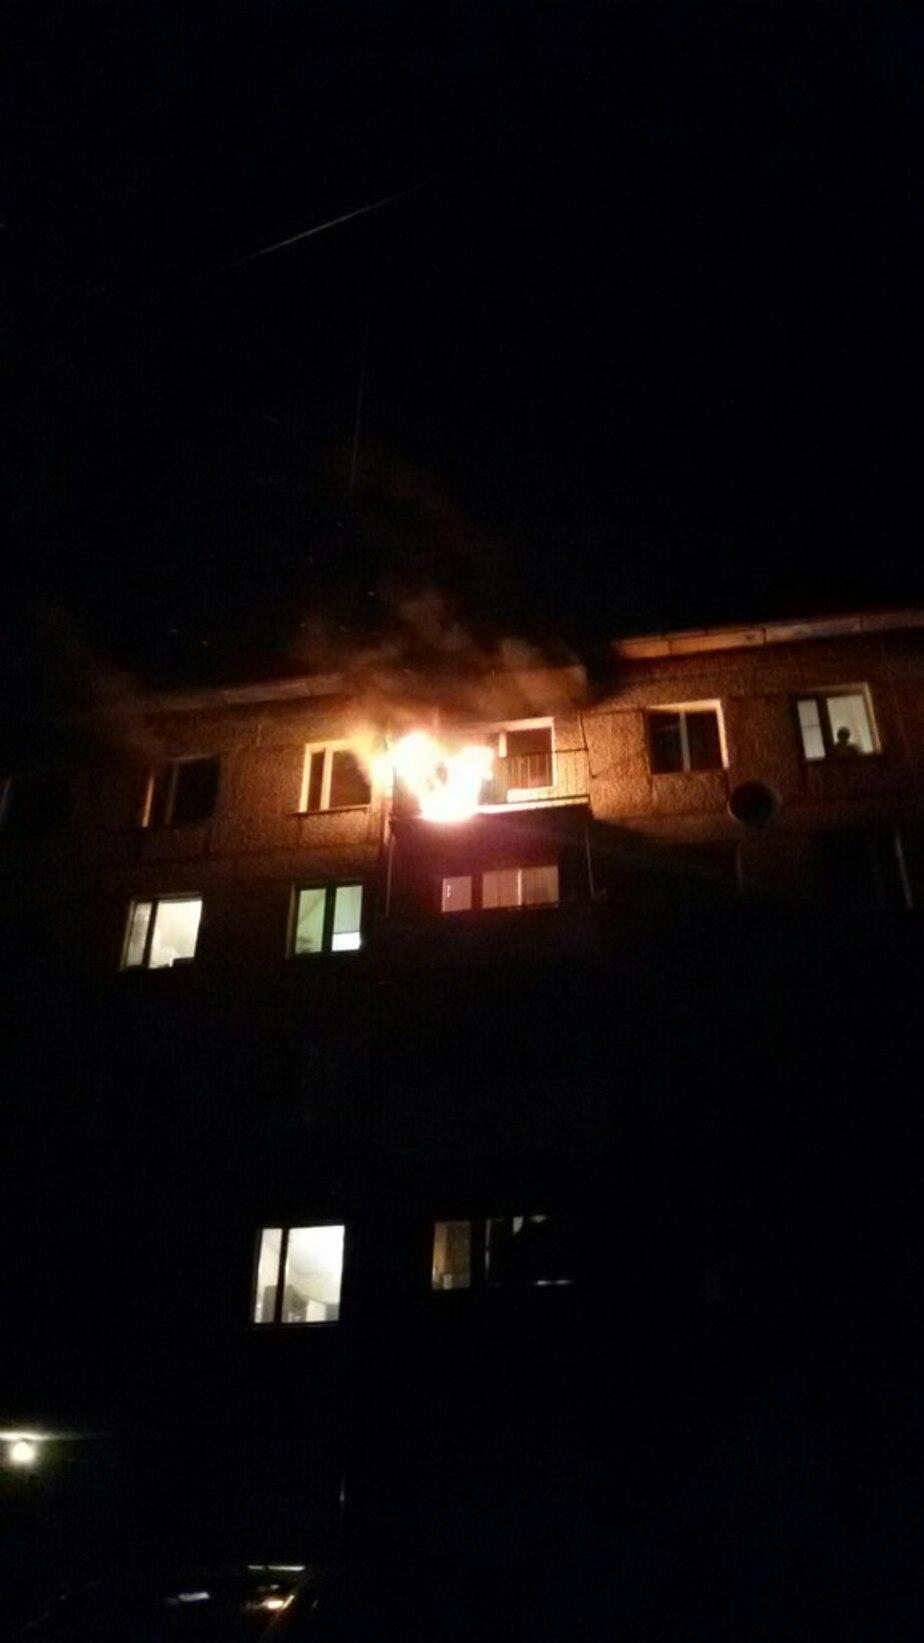 Пожар на Красносельской: хозяин госпитализирован, 15 человек эвакуировали - Новости Калининграда